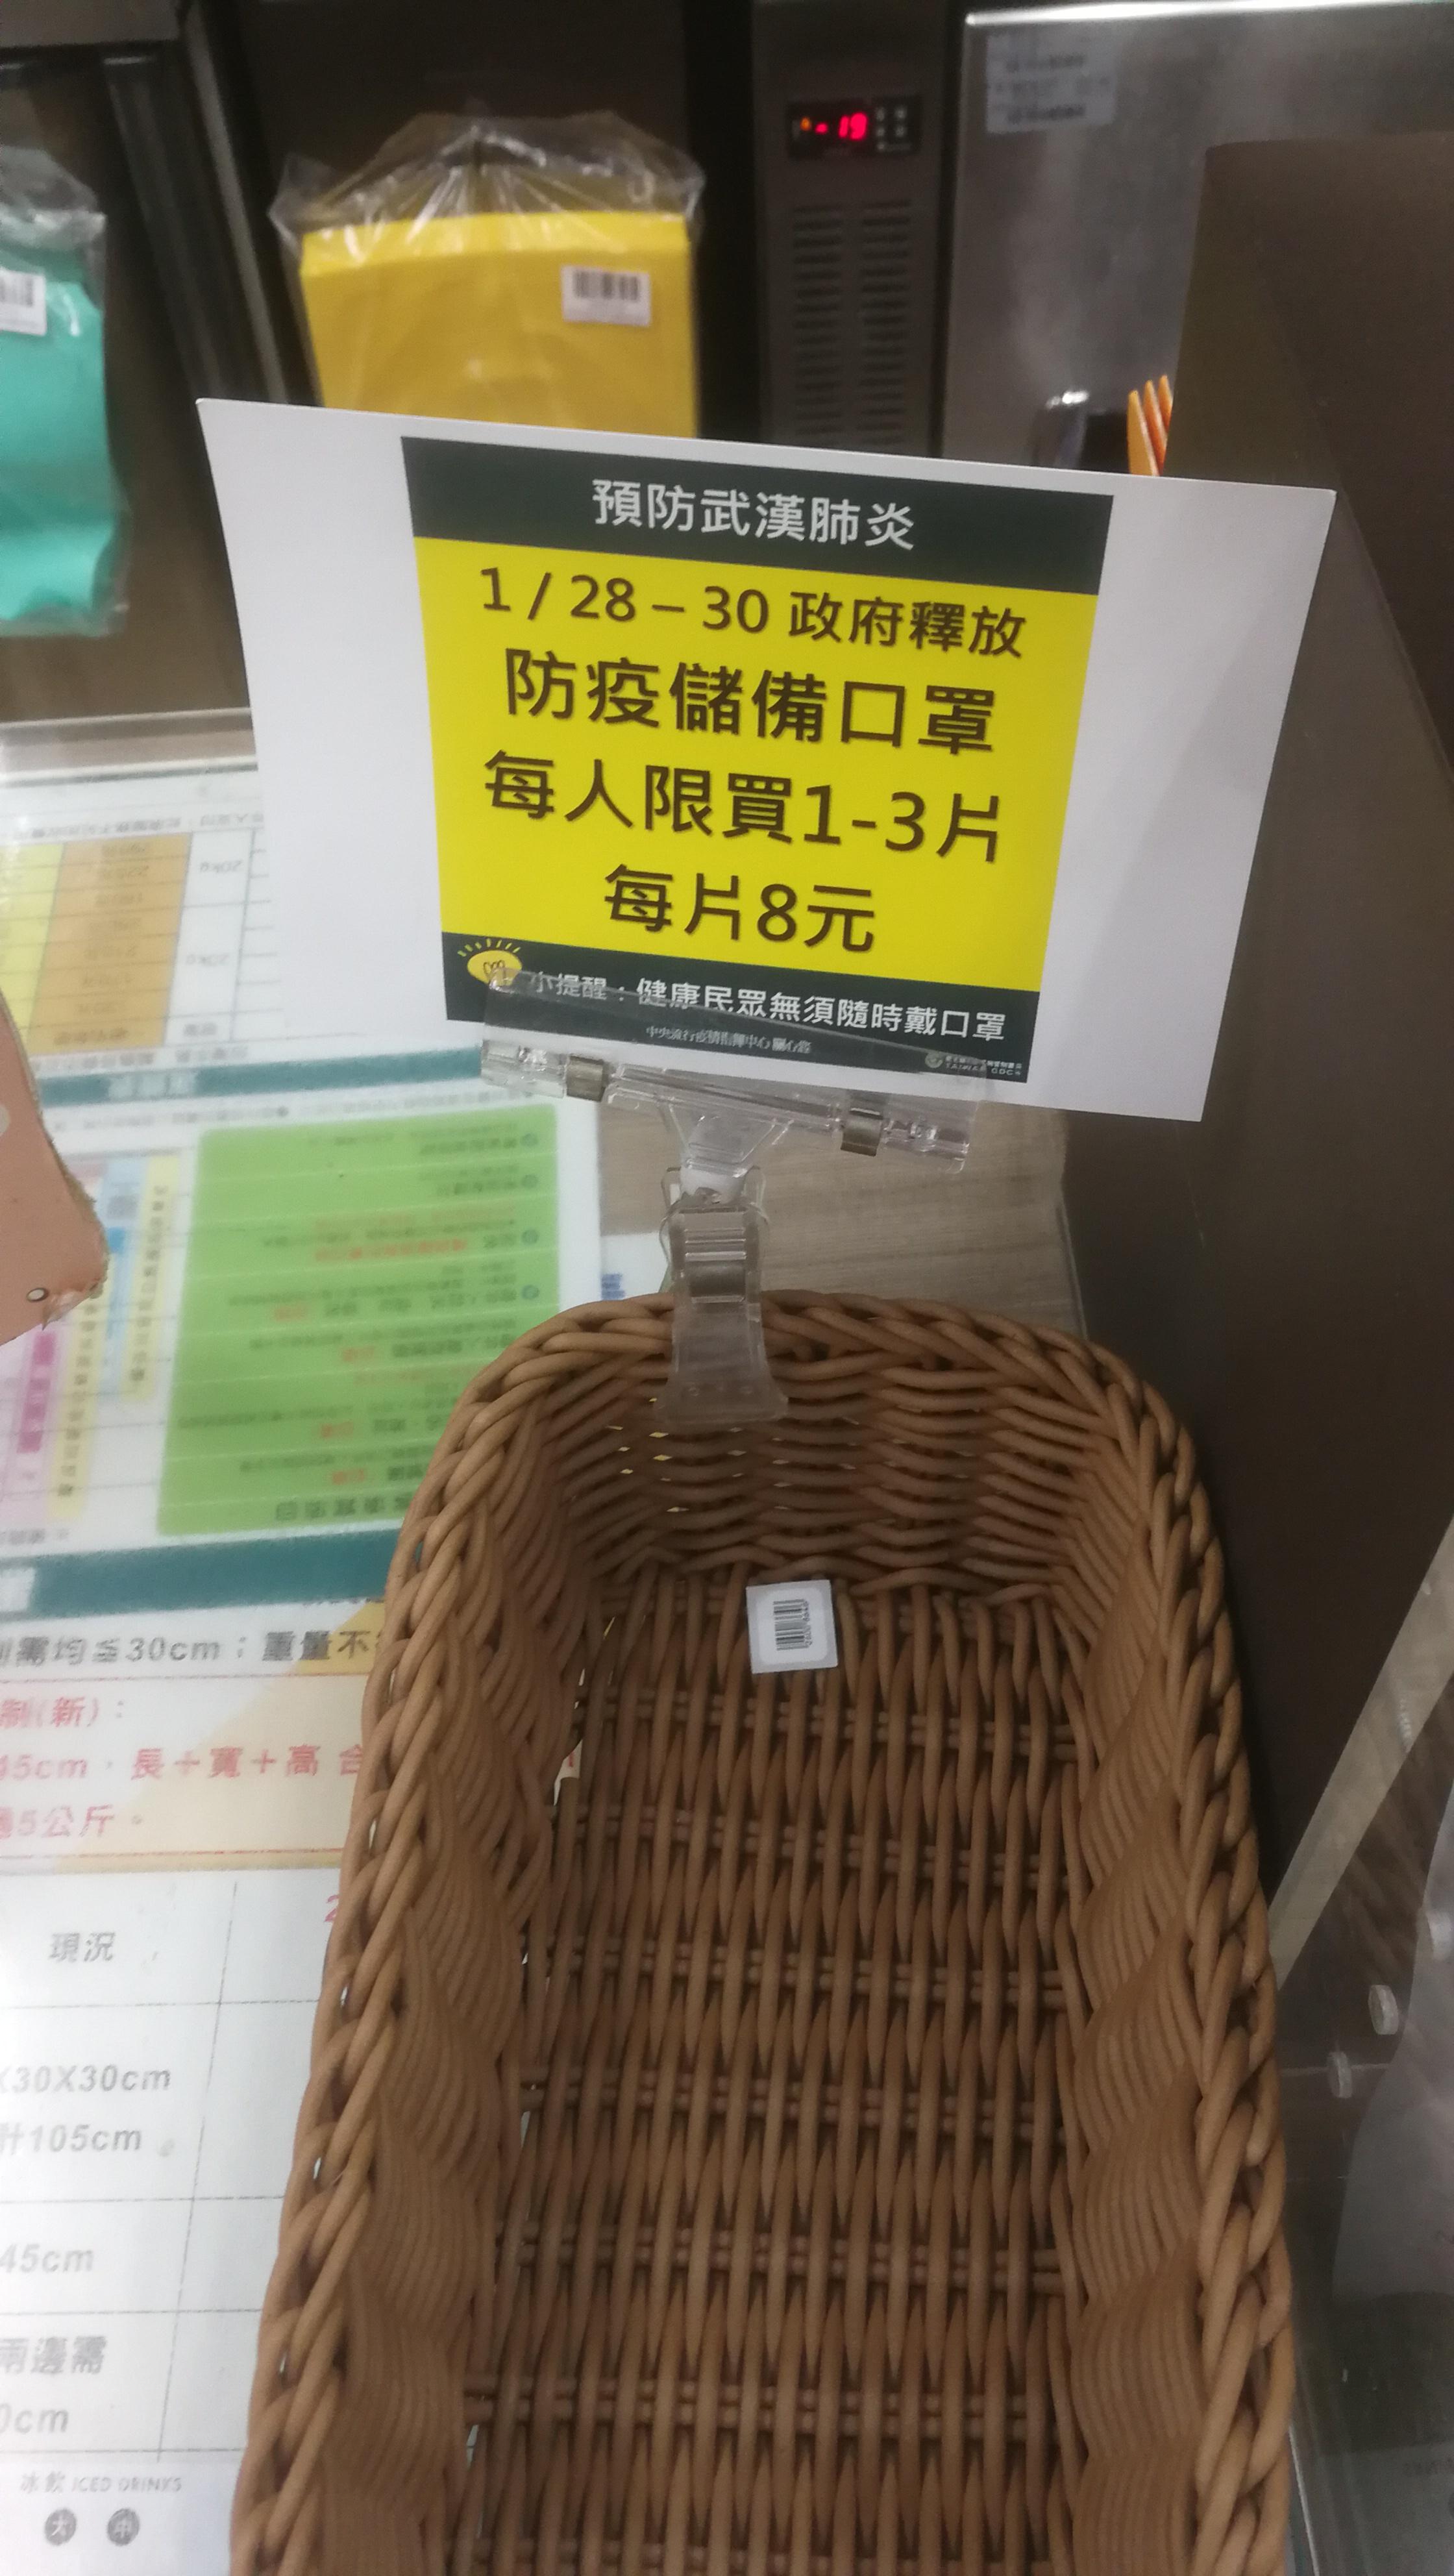 2020年1月29日晚上,台中市西屯区,居民住宅集中的街区,一家7-ELeven超商门店,当日政府投放的防疫储备口罩刚刚售罄。